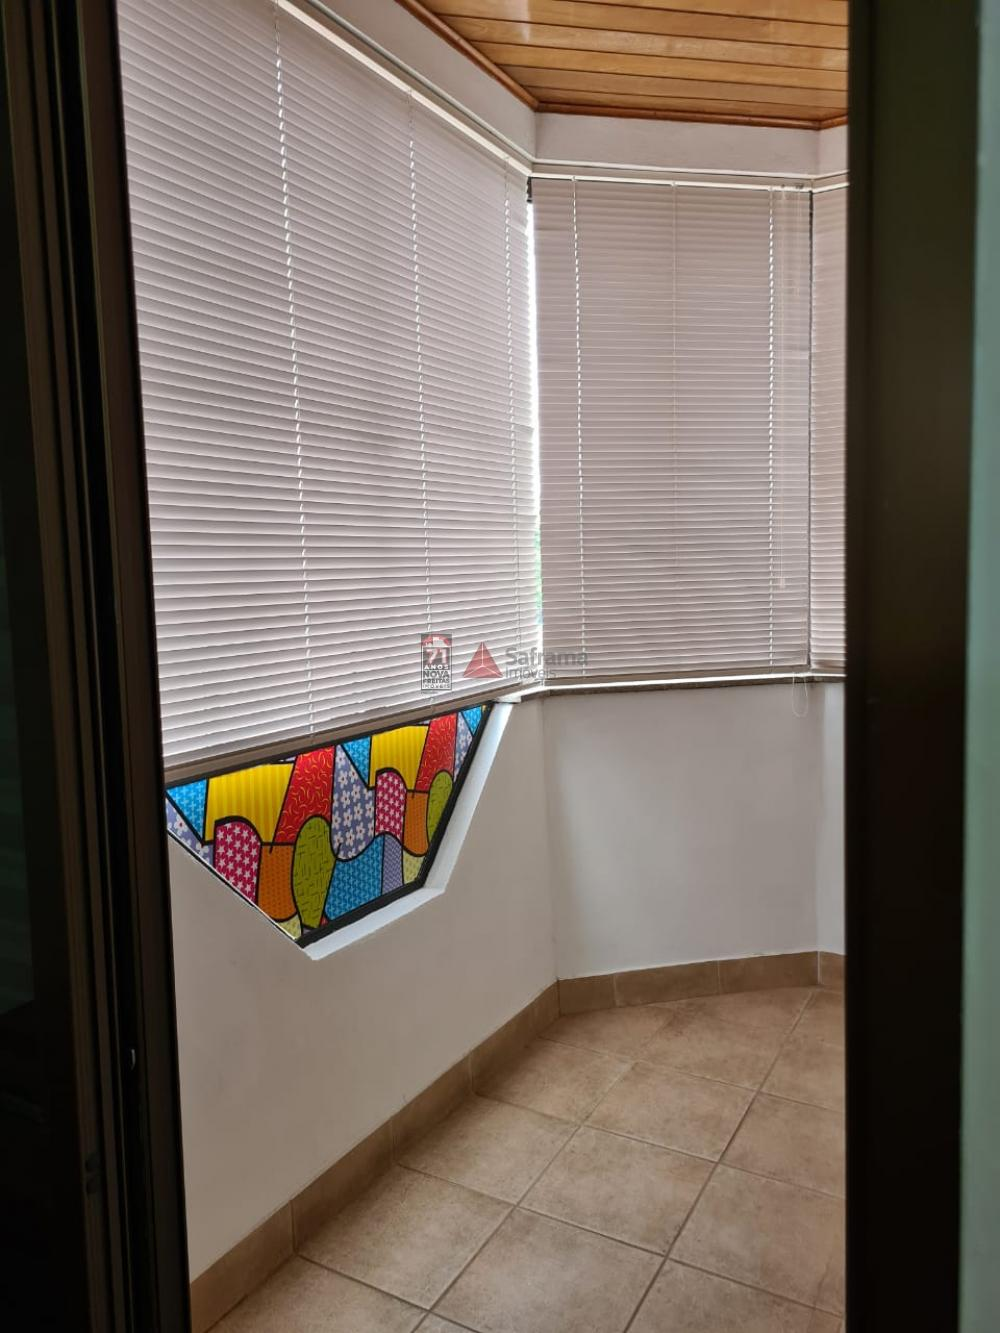 Comprar Apartamento / Padrão em Pindamonhangaba apenas R$ 430.000,00 - Foto 15